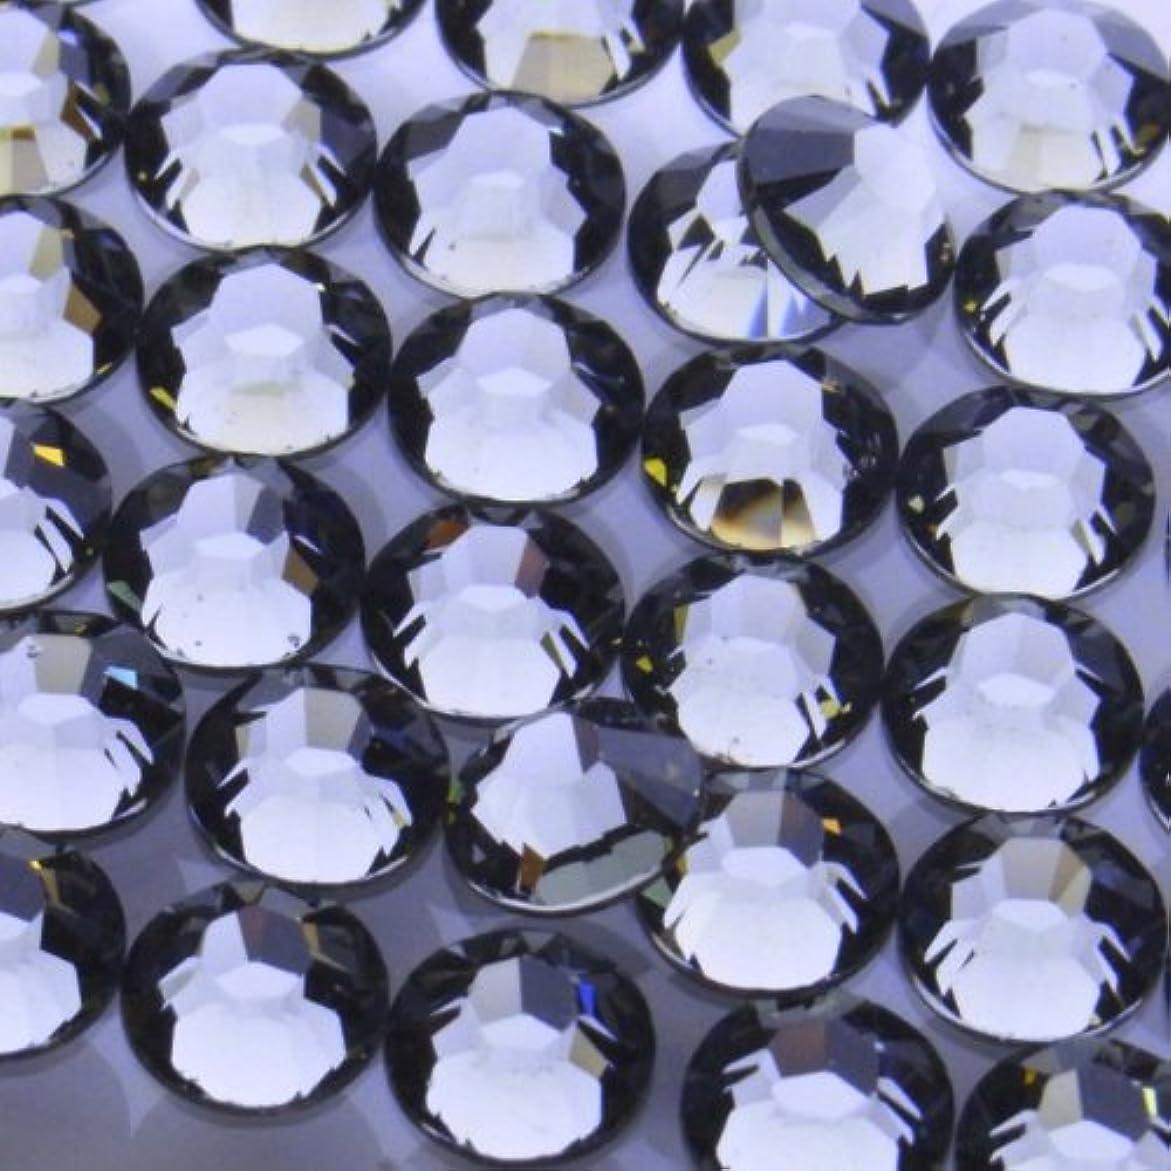 川ポータル無駄にHotfixブラックダイヤモンドss10(100粒入り)スワロフスキーラインストーンホットフィックス